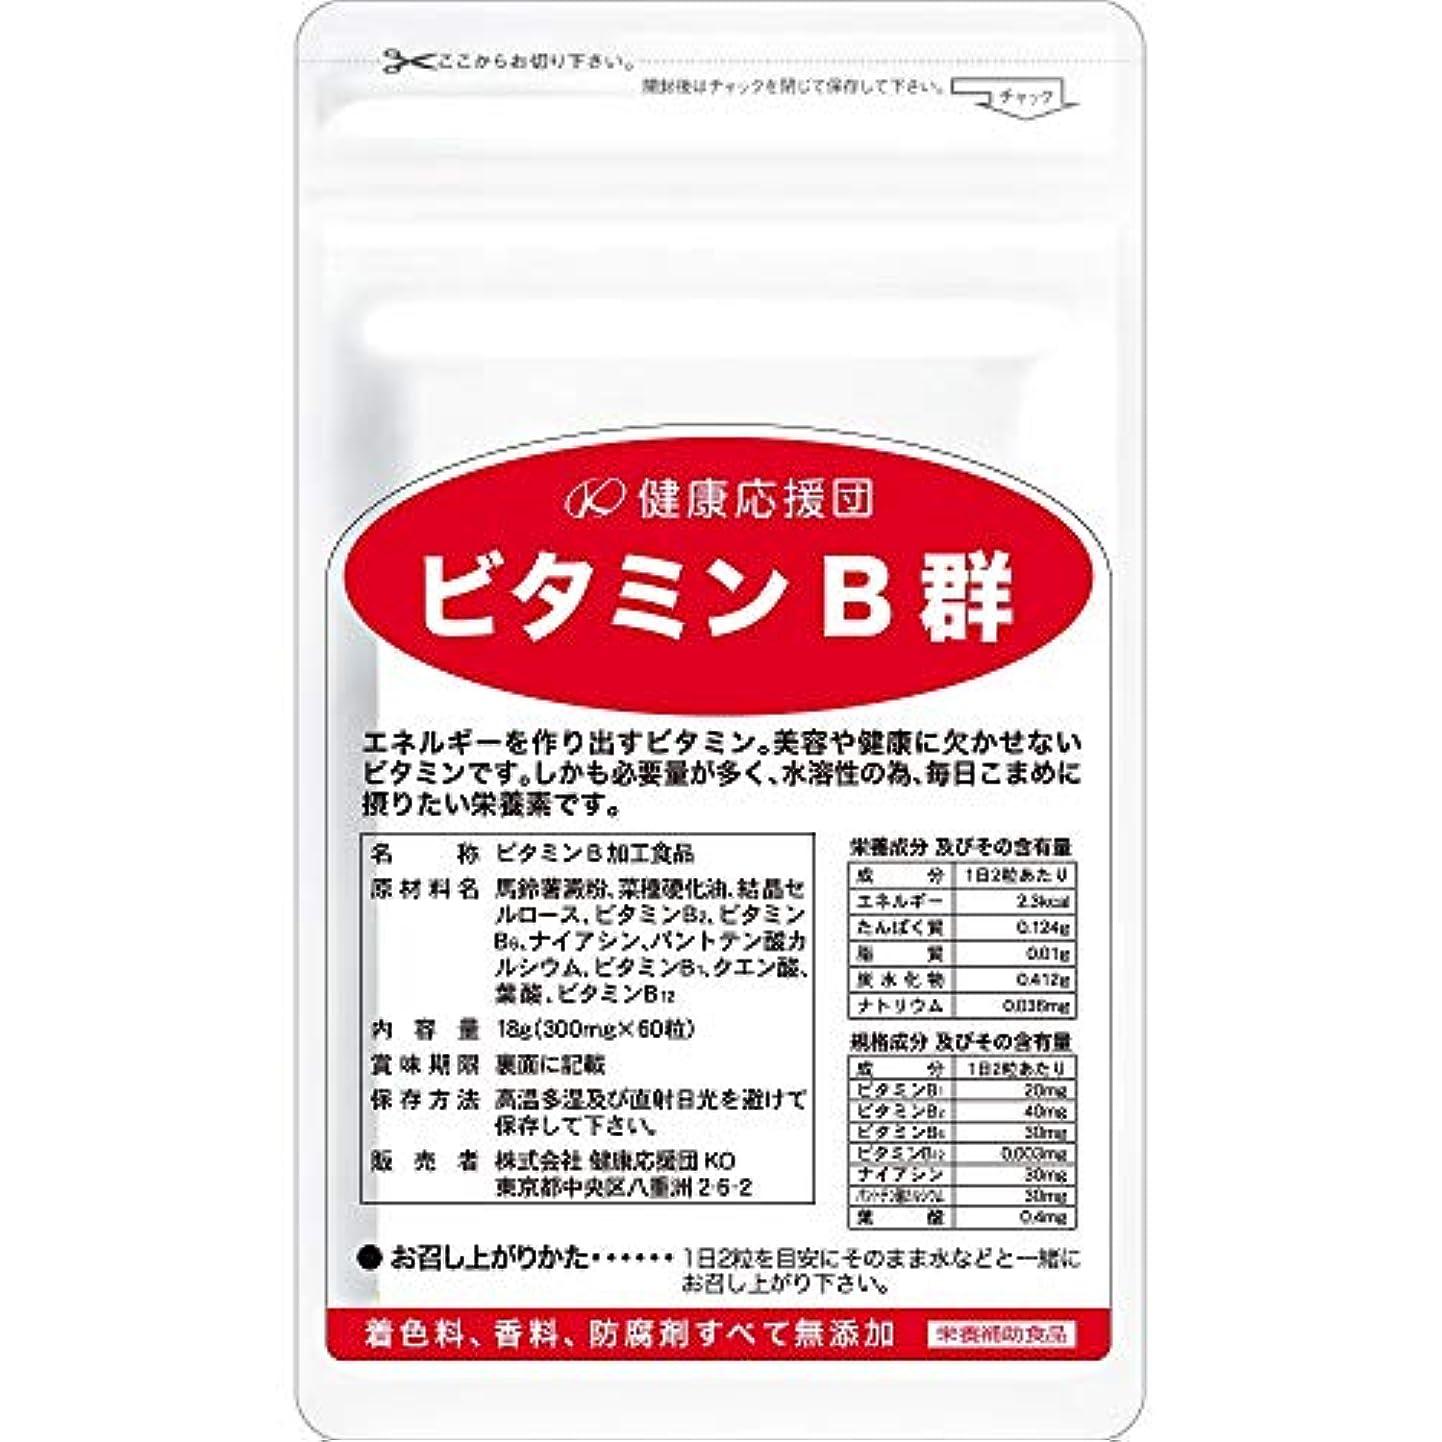 矢暗殺する拒絶する健康応援団 お徳用 ビタミンB群 (12か月分)12袋720粒(葉酸プラス)